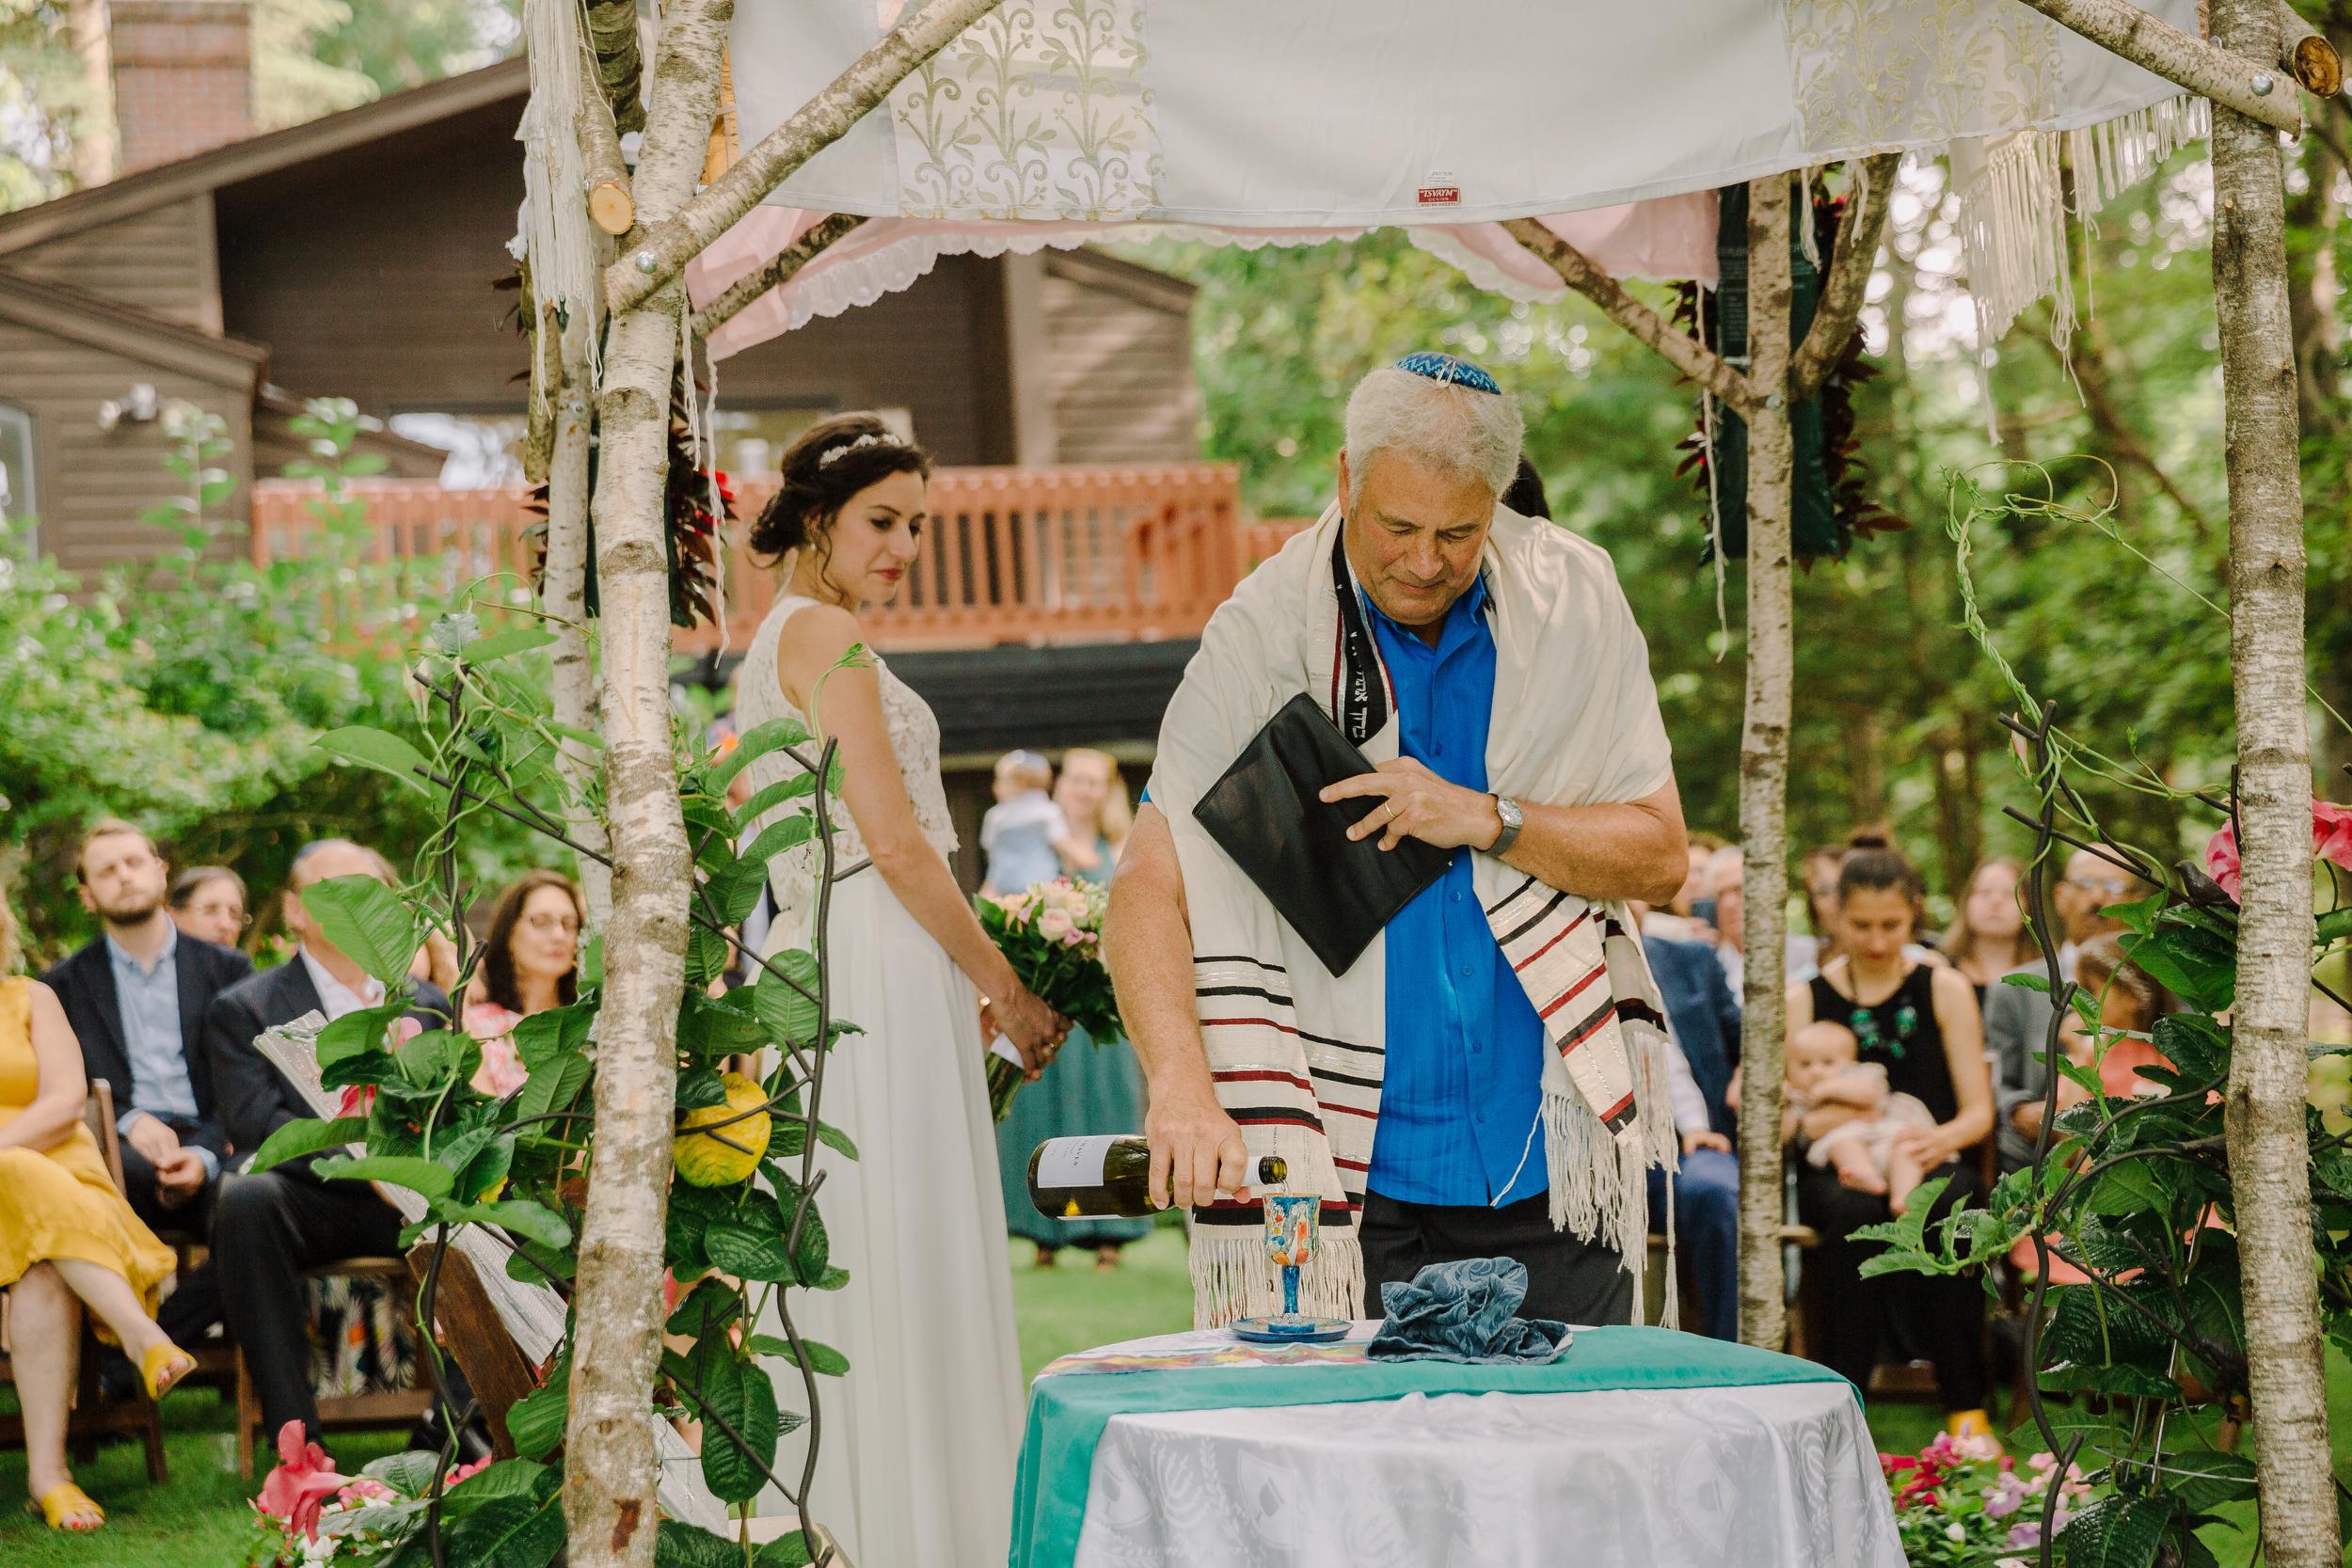 capecod_backyard_wedding_photos_mikhail_22.JPG